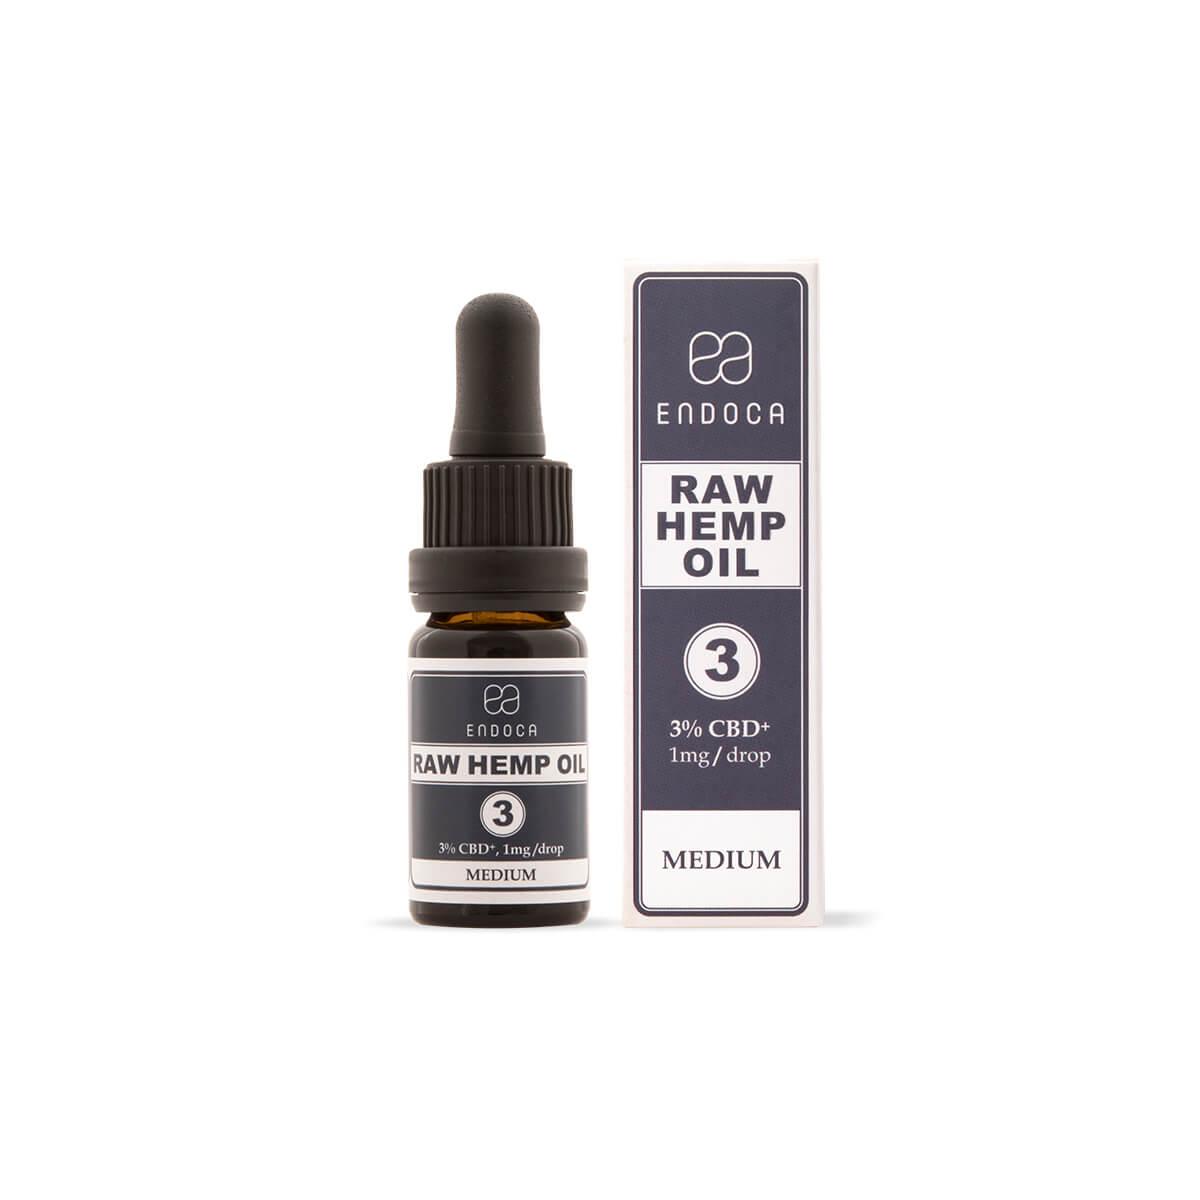 null - RAW CBD Oil – 300mg 3% CBD+CBDa